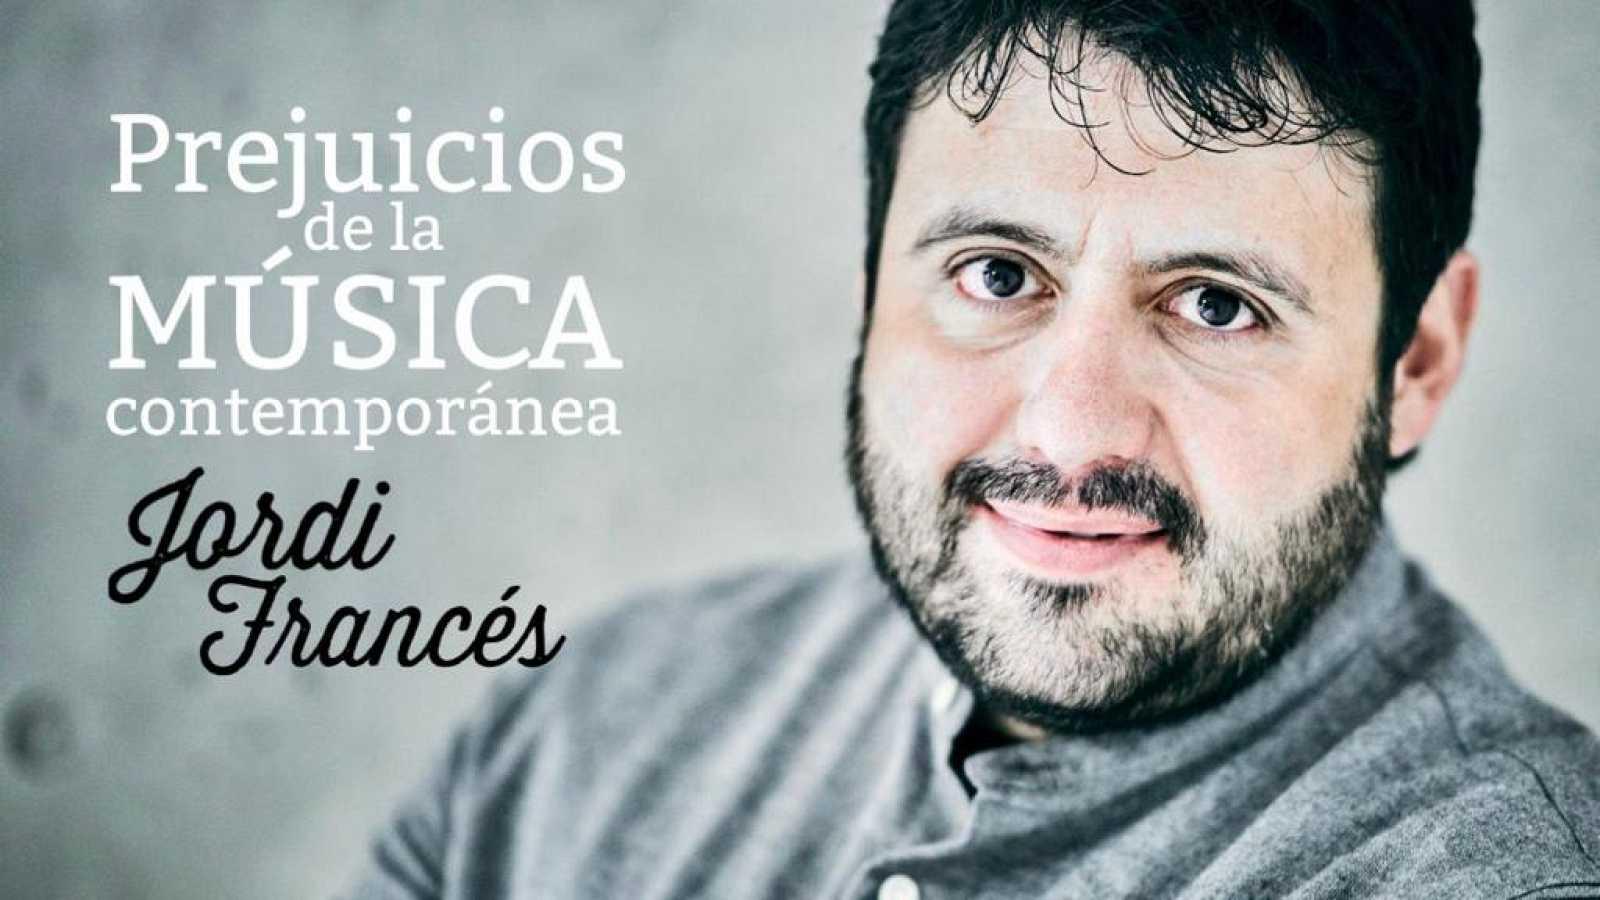 No es un día cualquiera - Música contemporánea - Andrés Salado - La platea - 07/02/2021 - Escuchar ahora